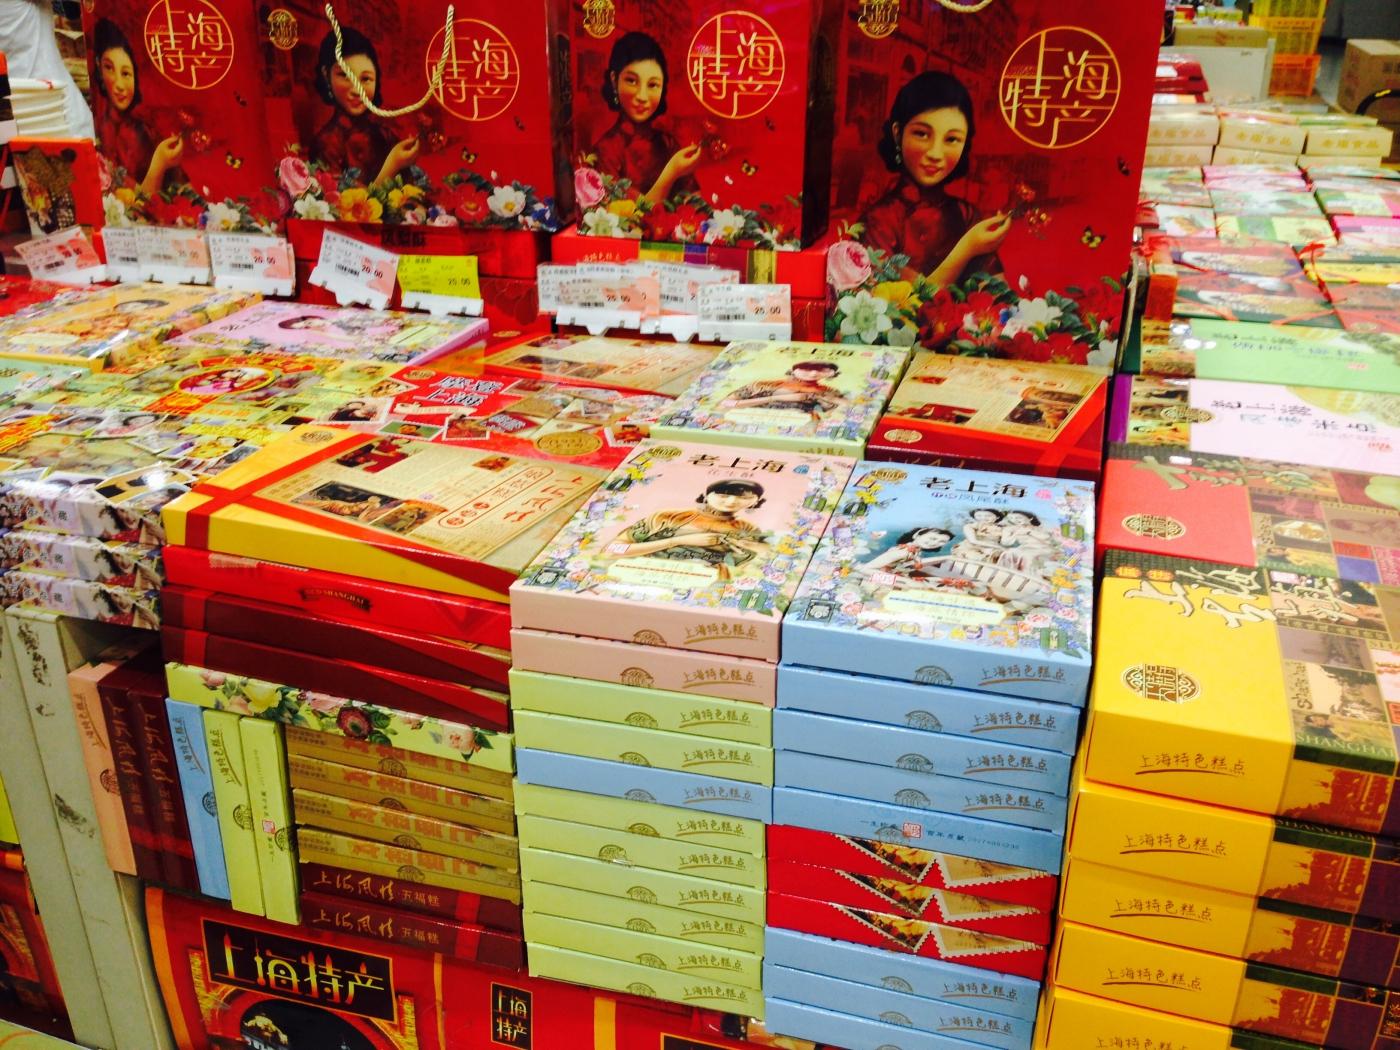 闲逛上海看街景_图1-18